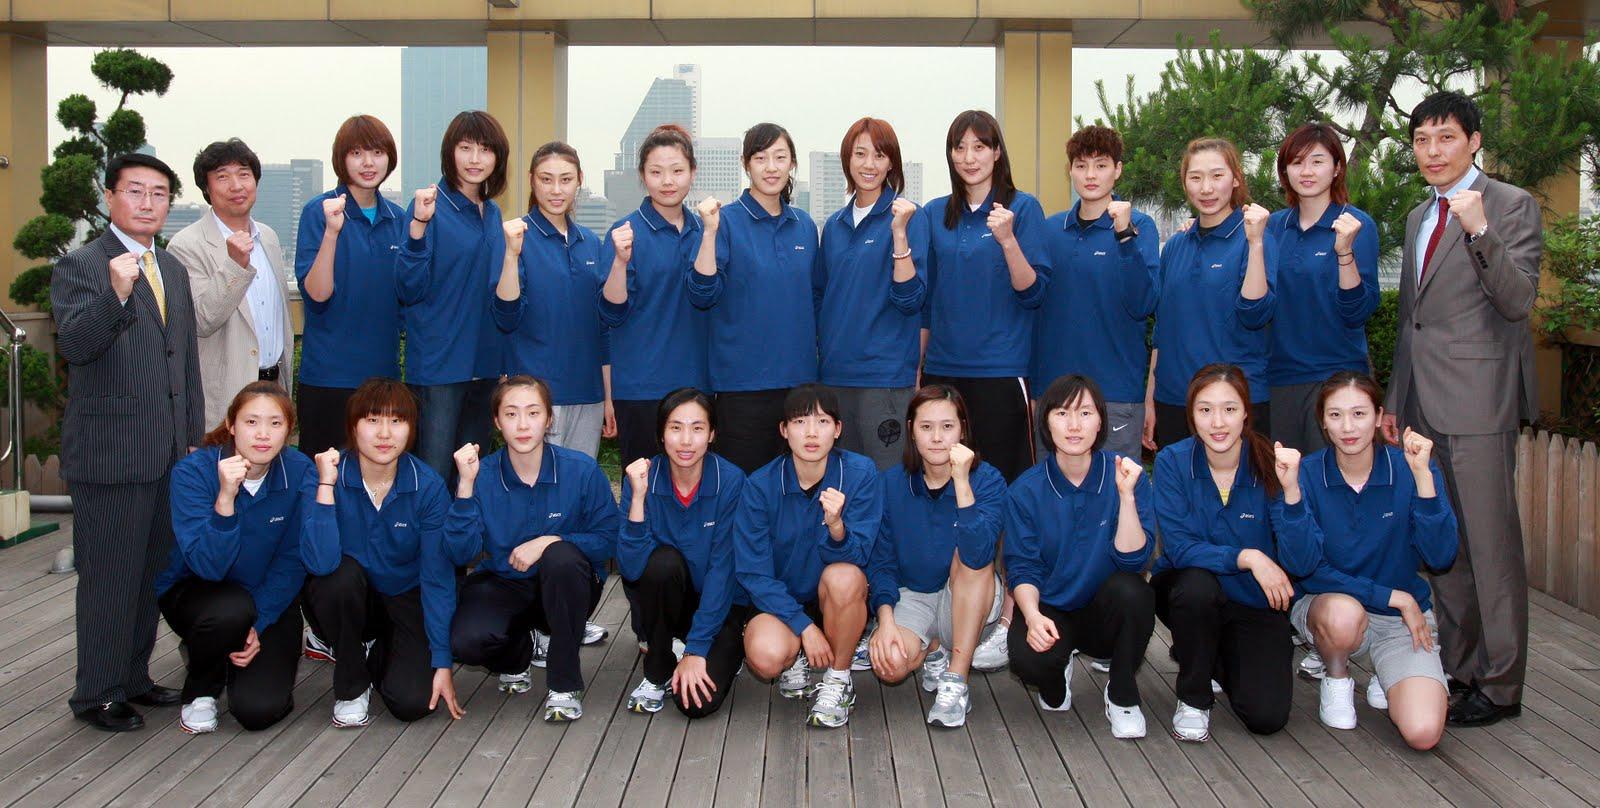 equipos que participaron en el mundial de voleibol: